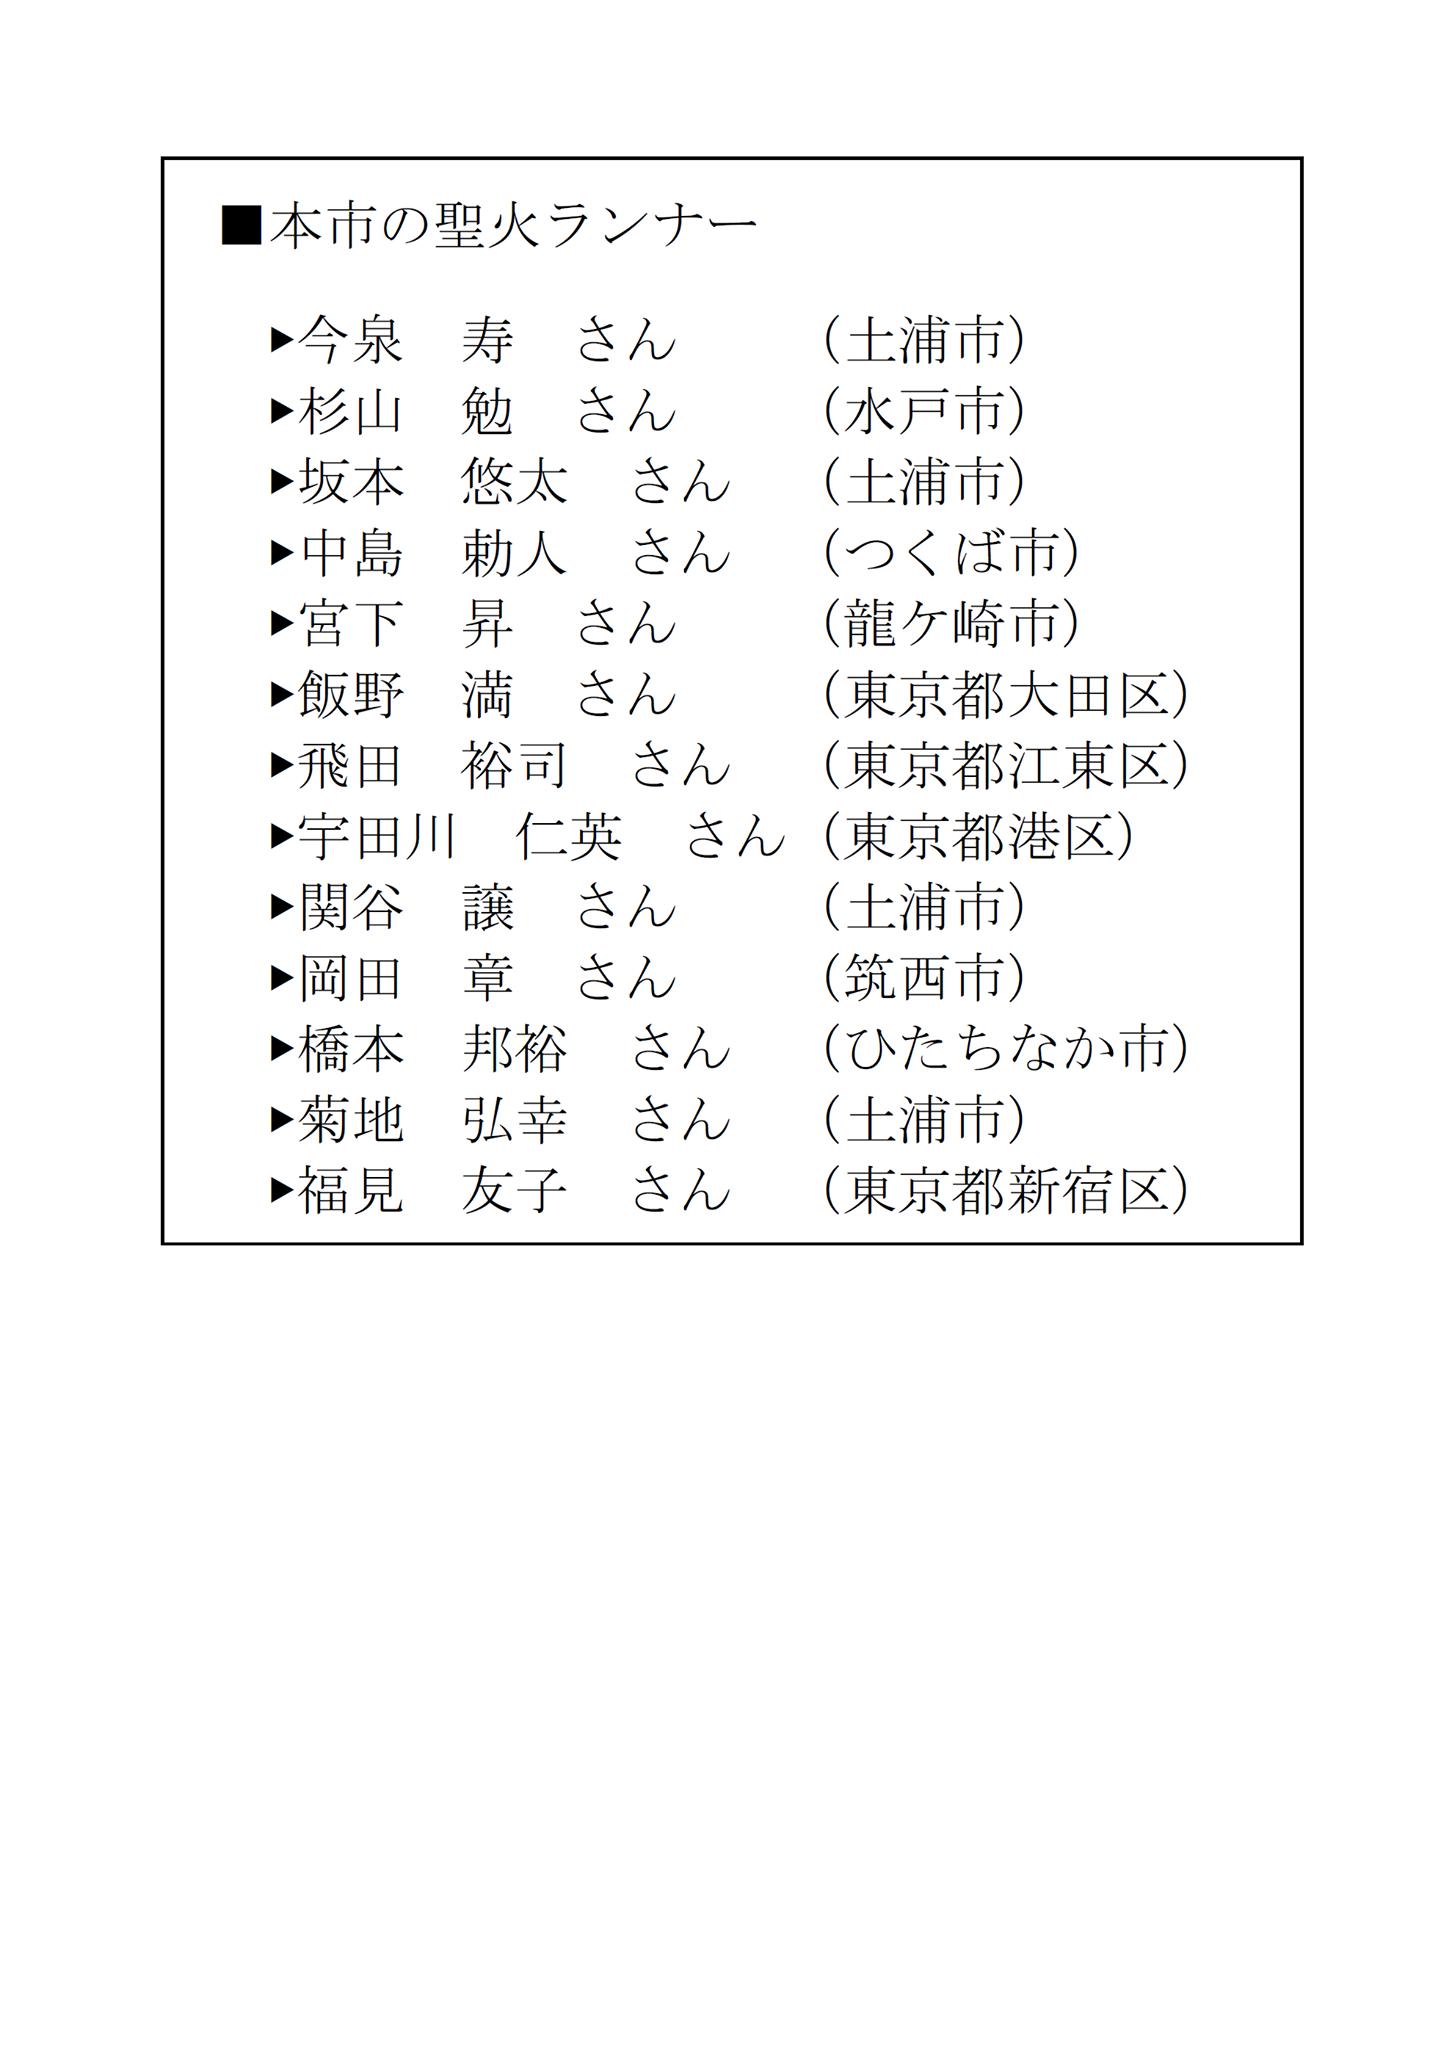 東京2020オリンピック聖火リレーについてpage-visual 東京2020オリンピック聖火リレーについてビジュアル